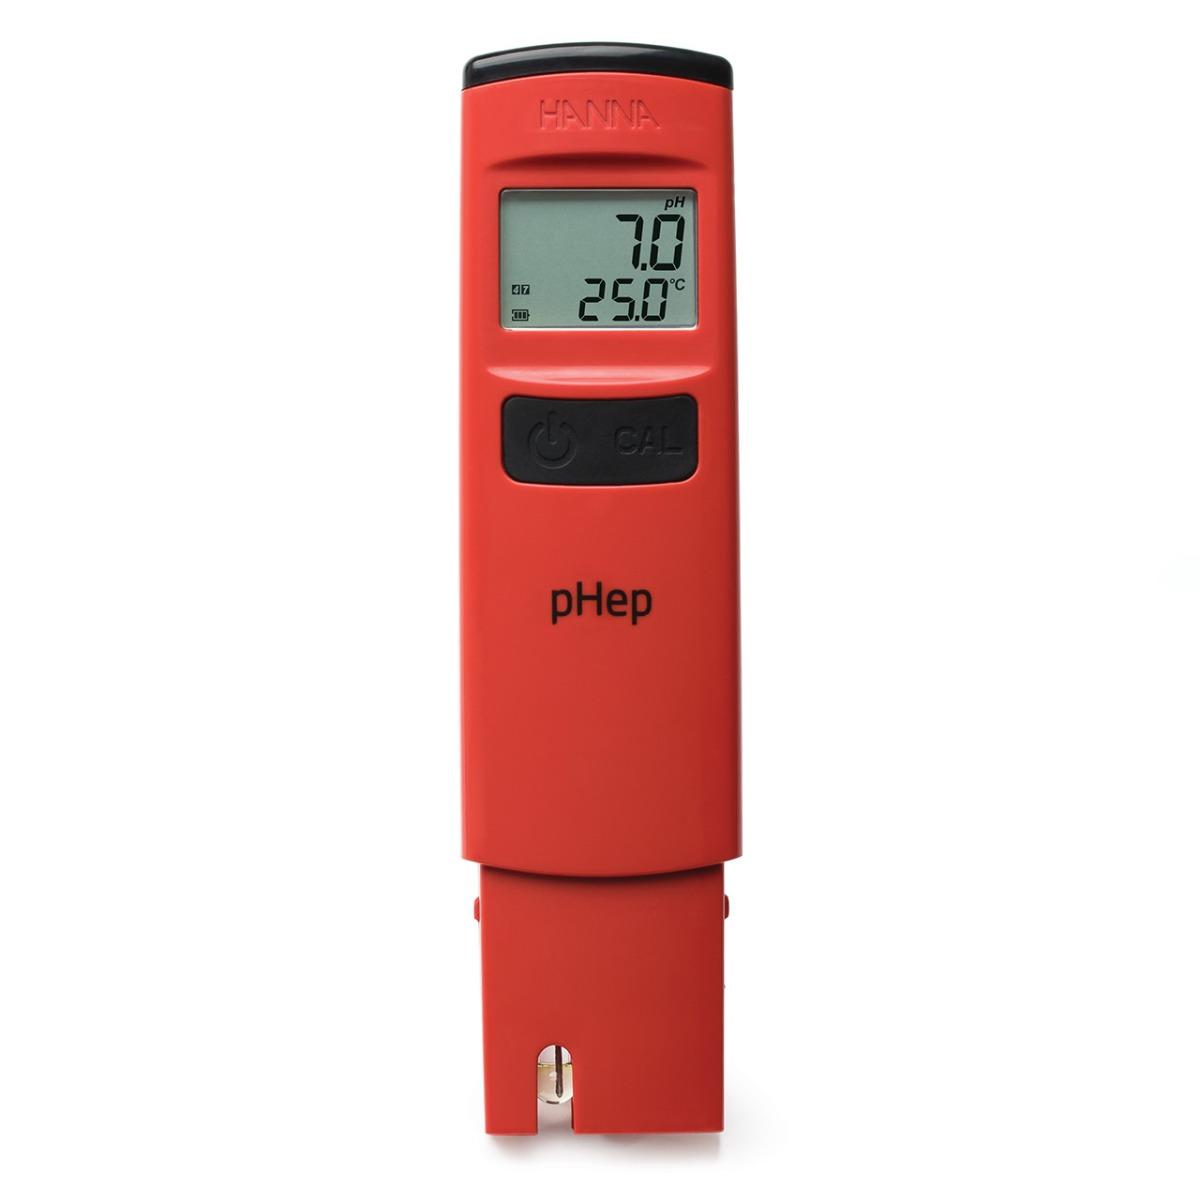 HI98107 pHep pH tester with 0.1 pH resolution